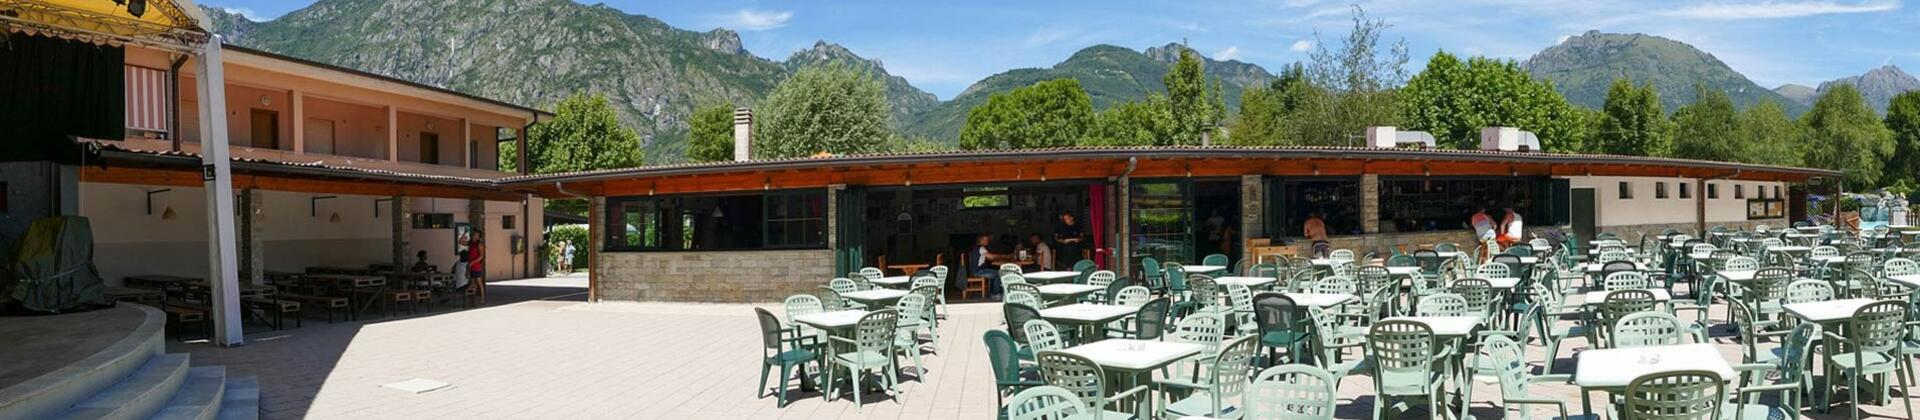 campingdarna it ristorante 013